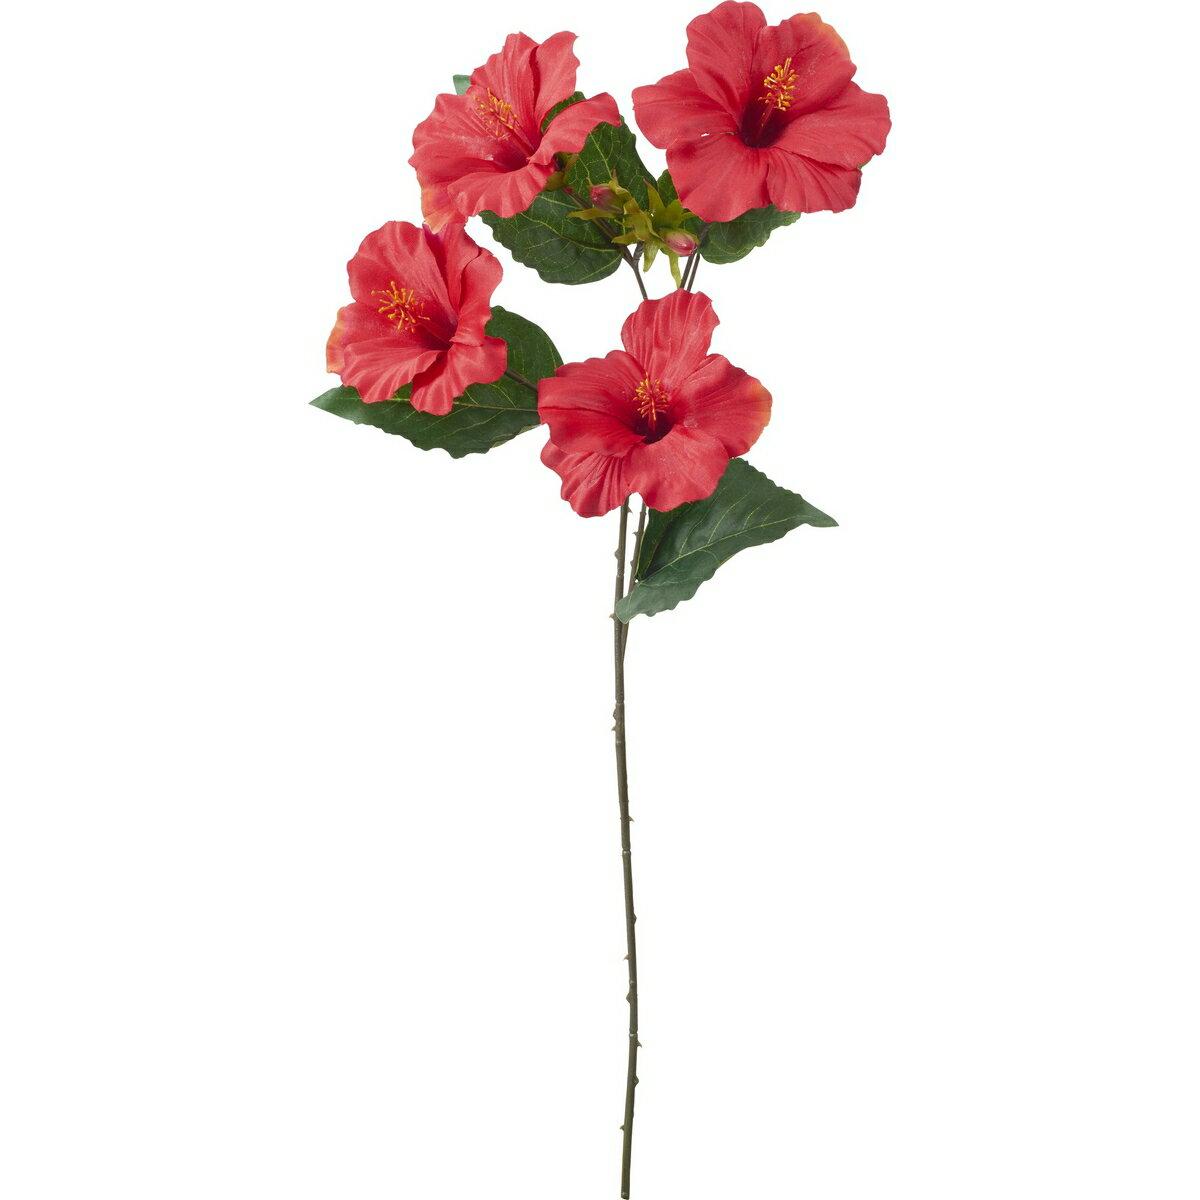 【造花】YDM/ハイビスカススプレー レッド/FS8251-R【01】【01】【取寄】《 造花(アーティフィシャルフラワー) 造花 花材「は行」 ハイビスカス 》